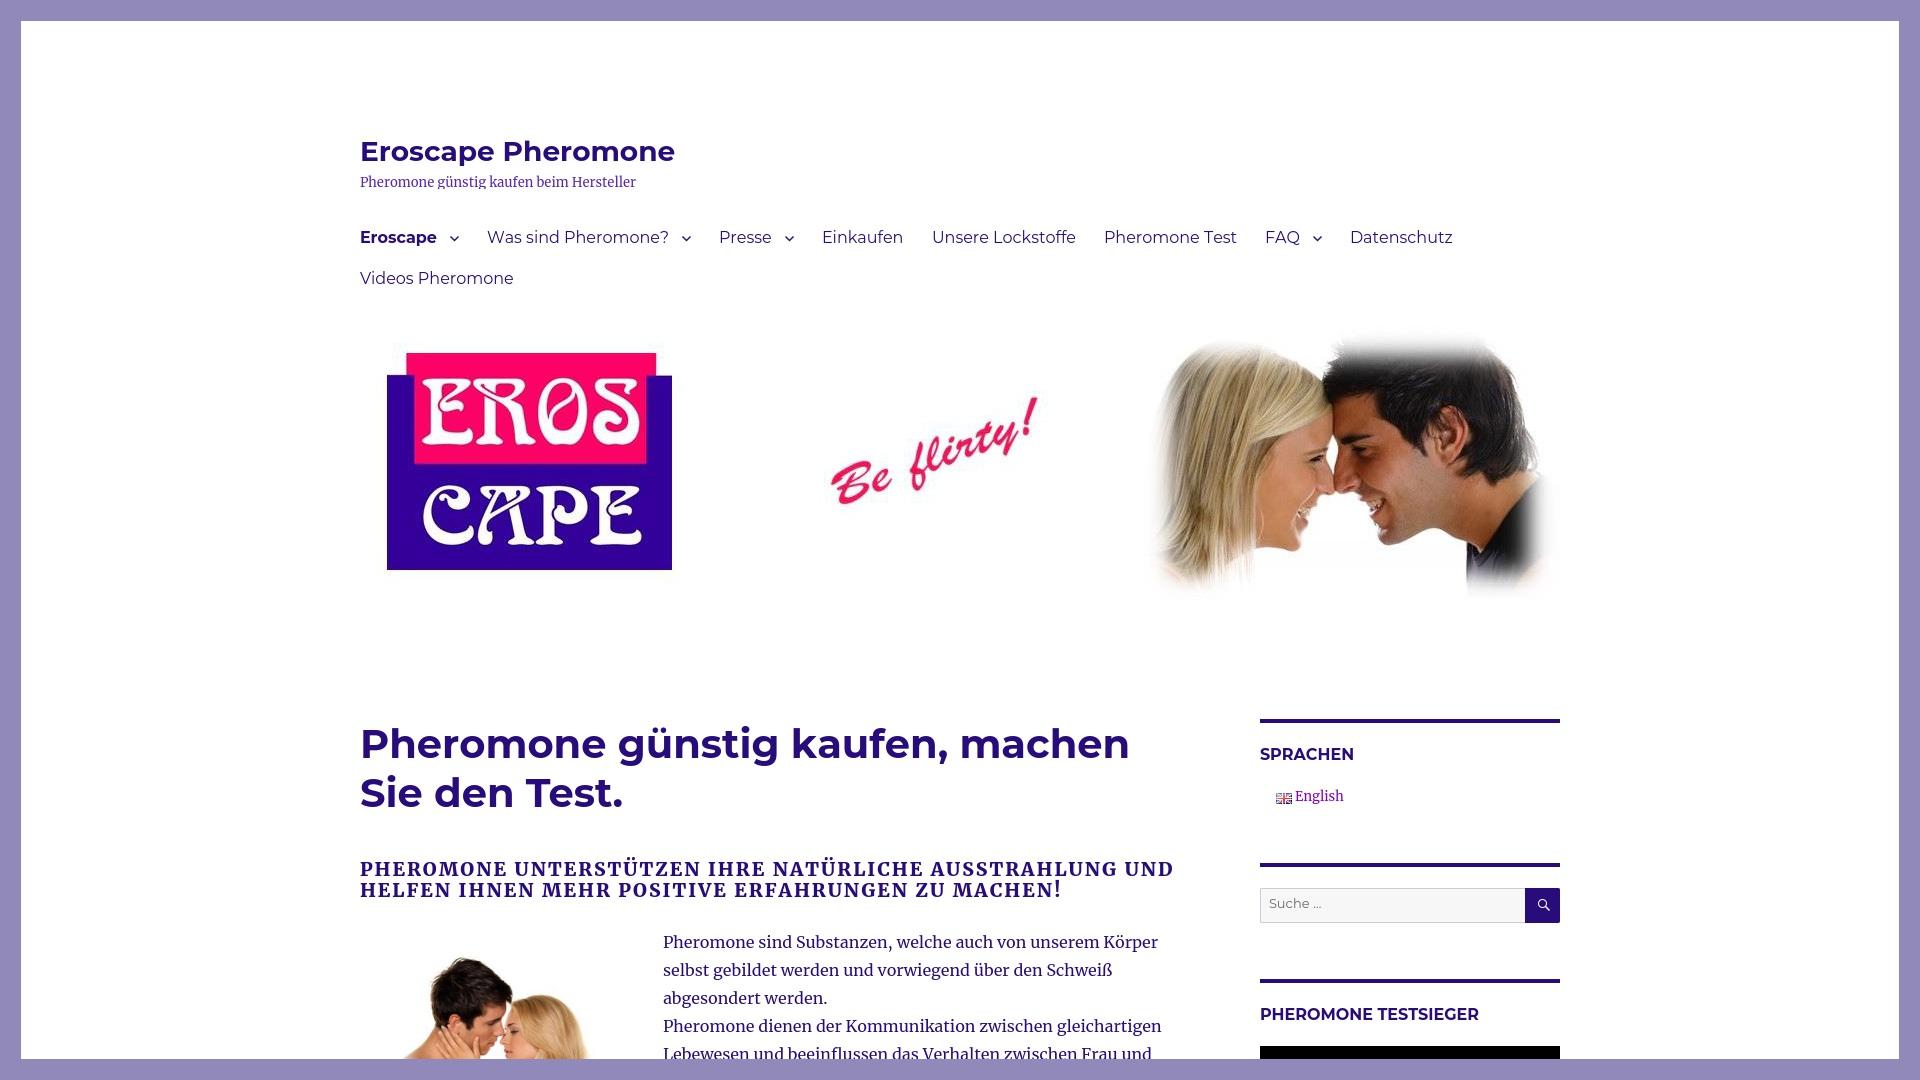 Gutschein für Eroscape: Rabatte für  Eroscape sichern